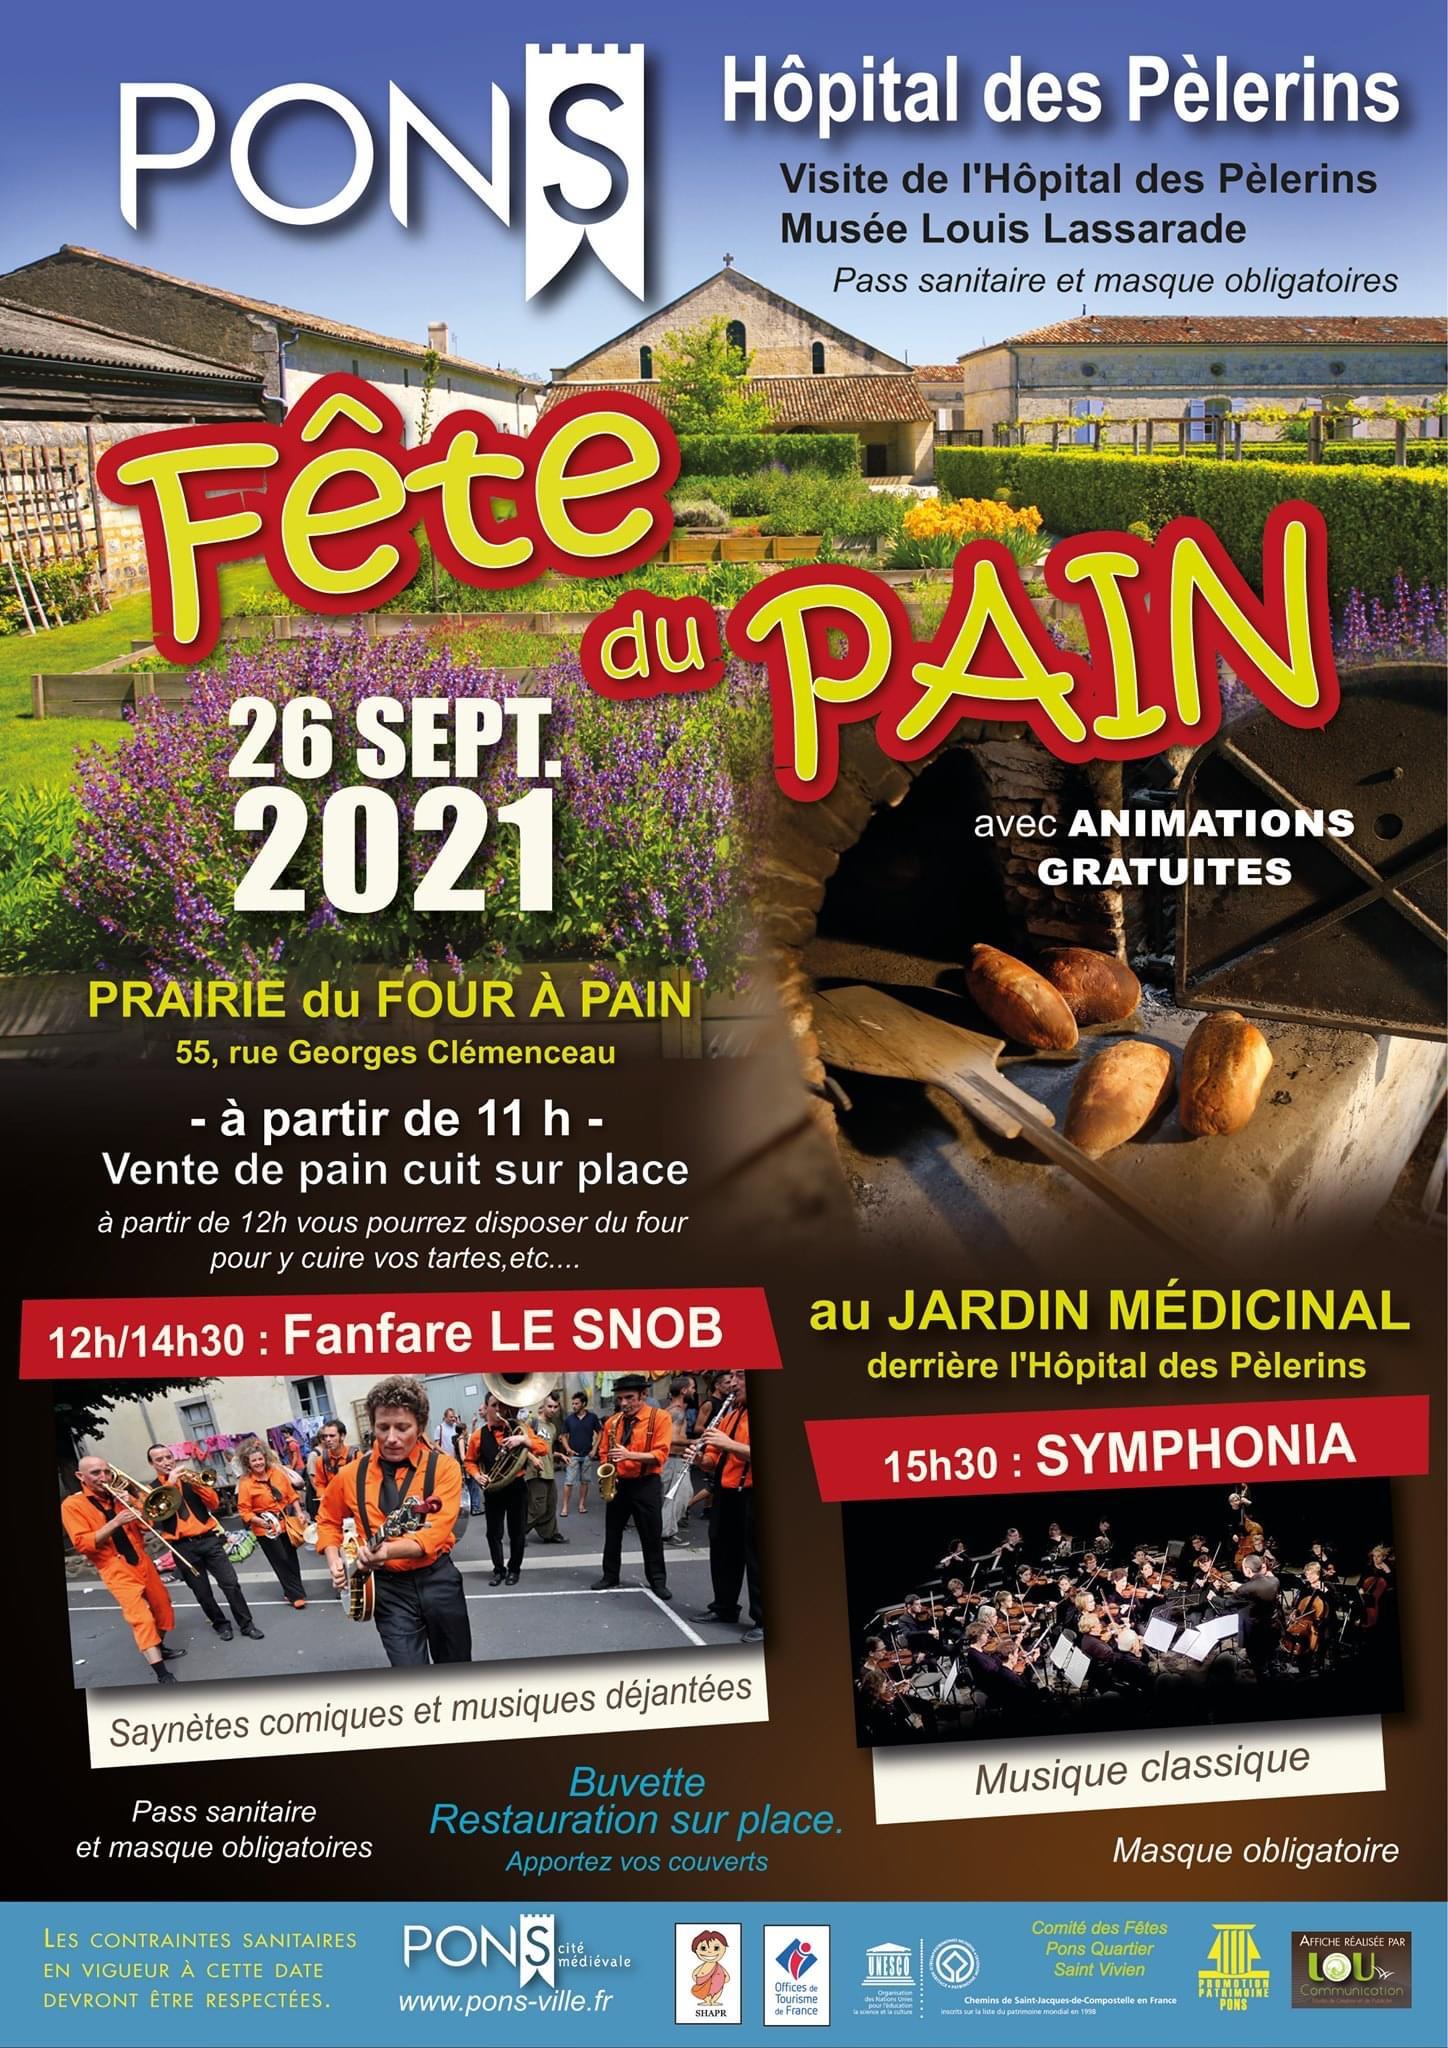 Fête du pain à Pons - 26 septembre 2021